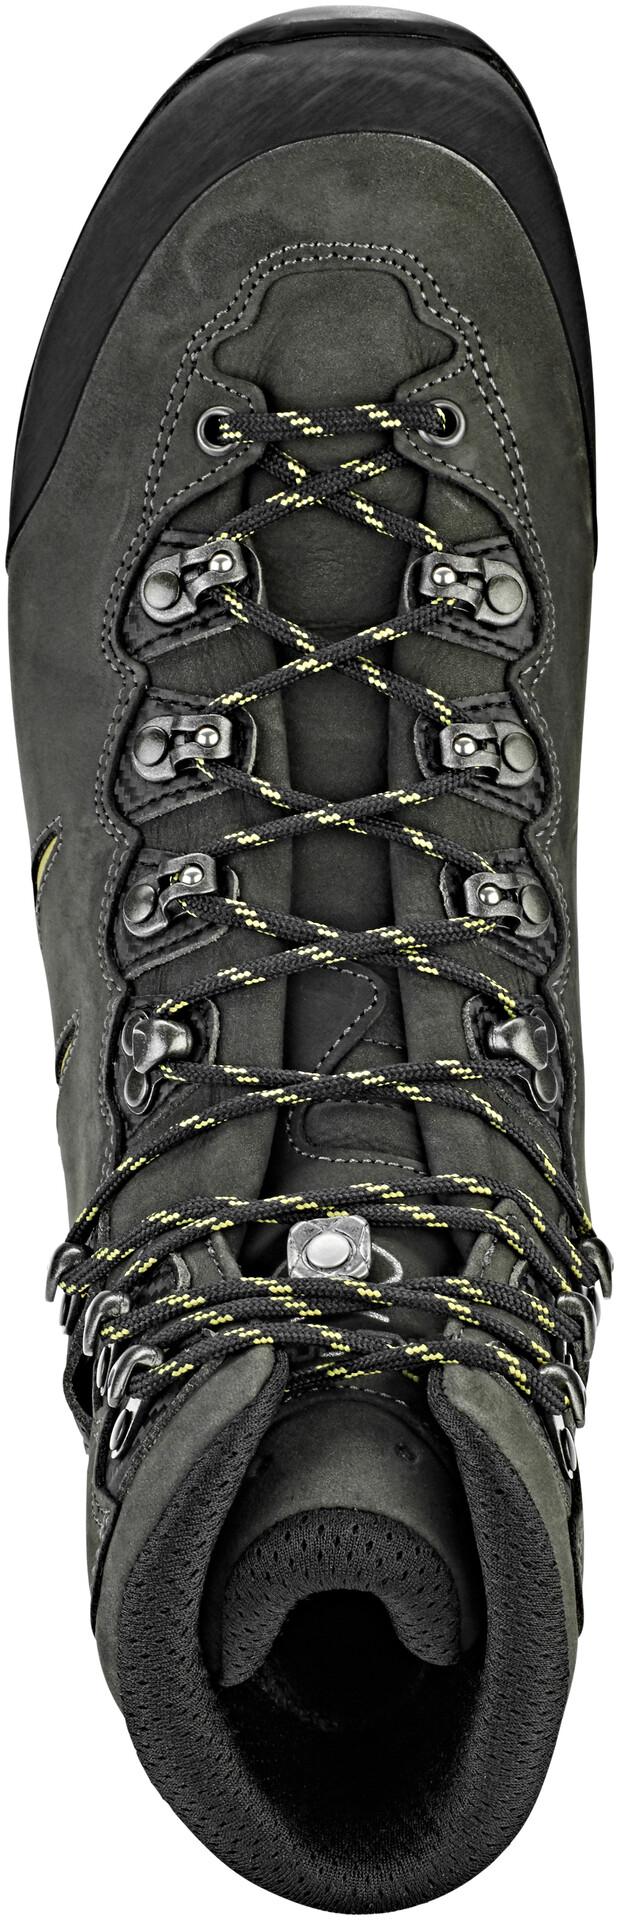 Gtx Boots Lowa Camino Herren Anthracitekiwi Y76fgby